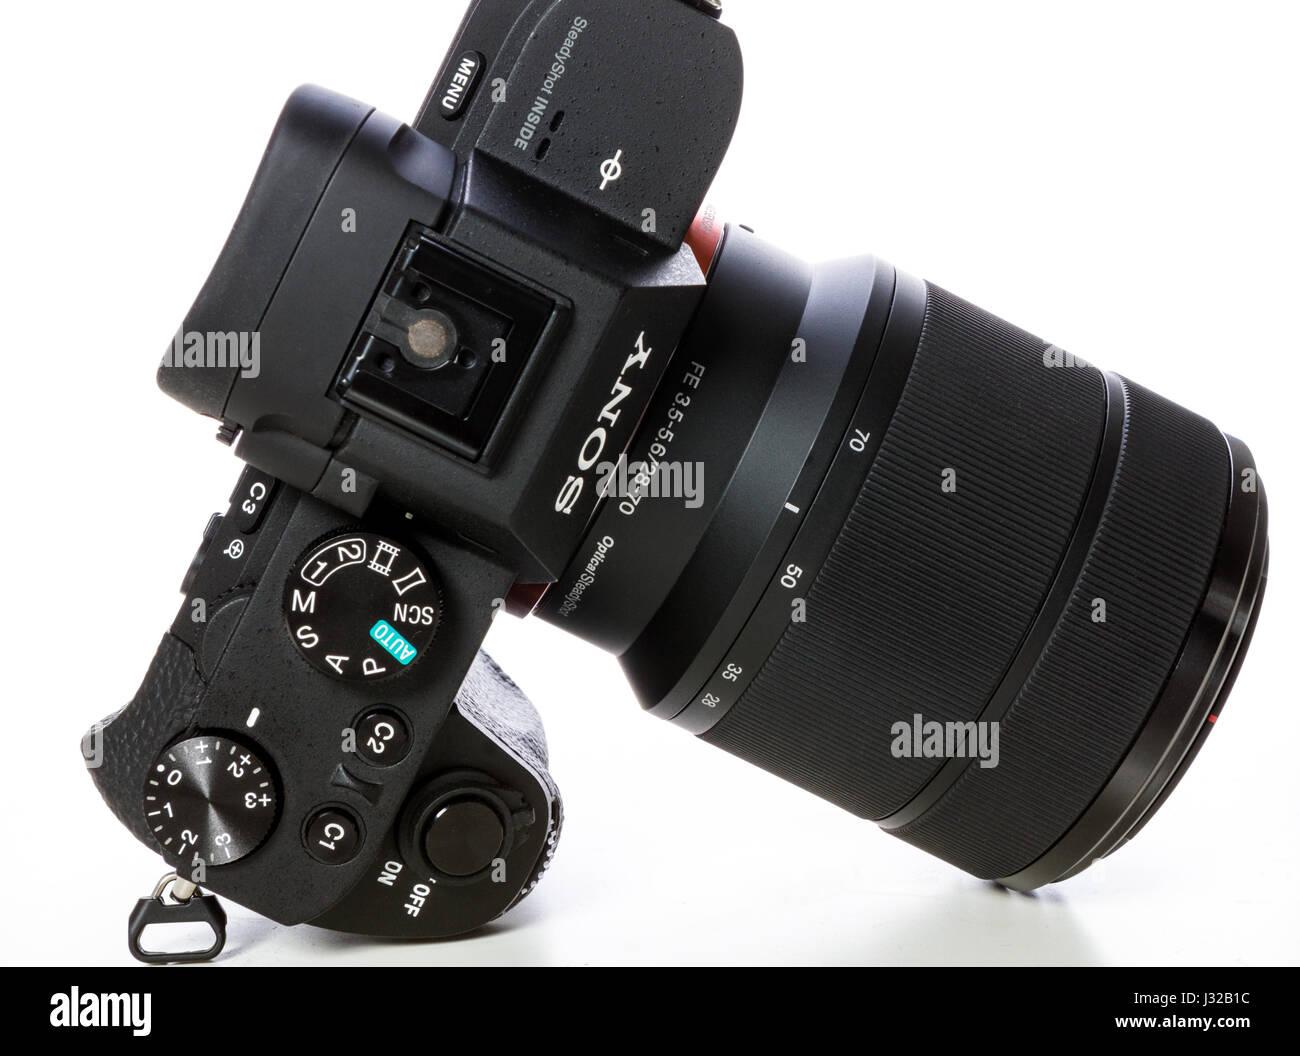 Bonito Fotograma Completo Sony Alpha Colección de Imágenes - Ideas ...